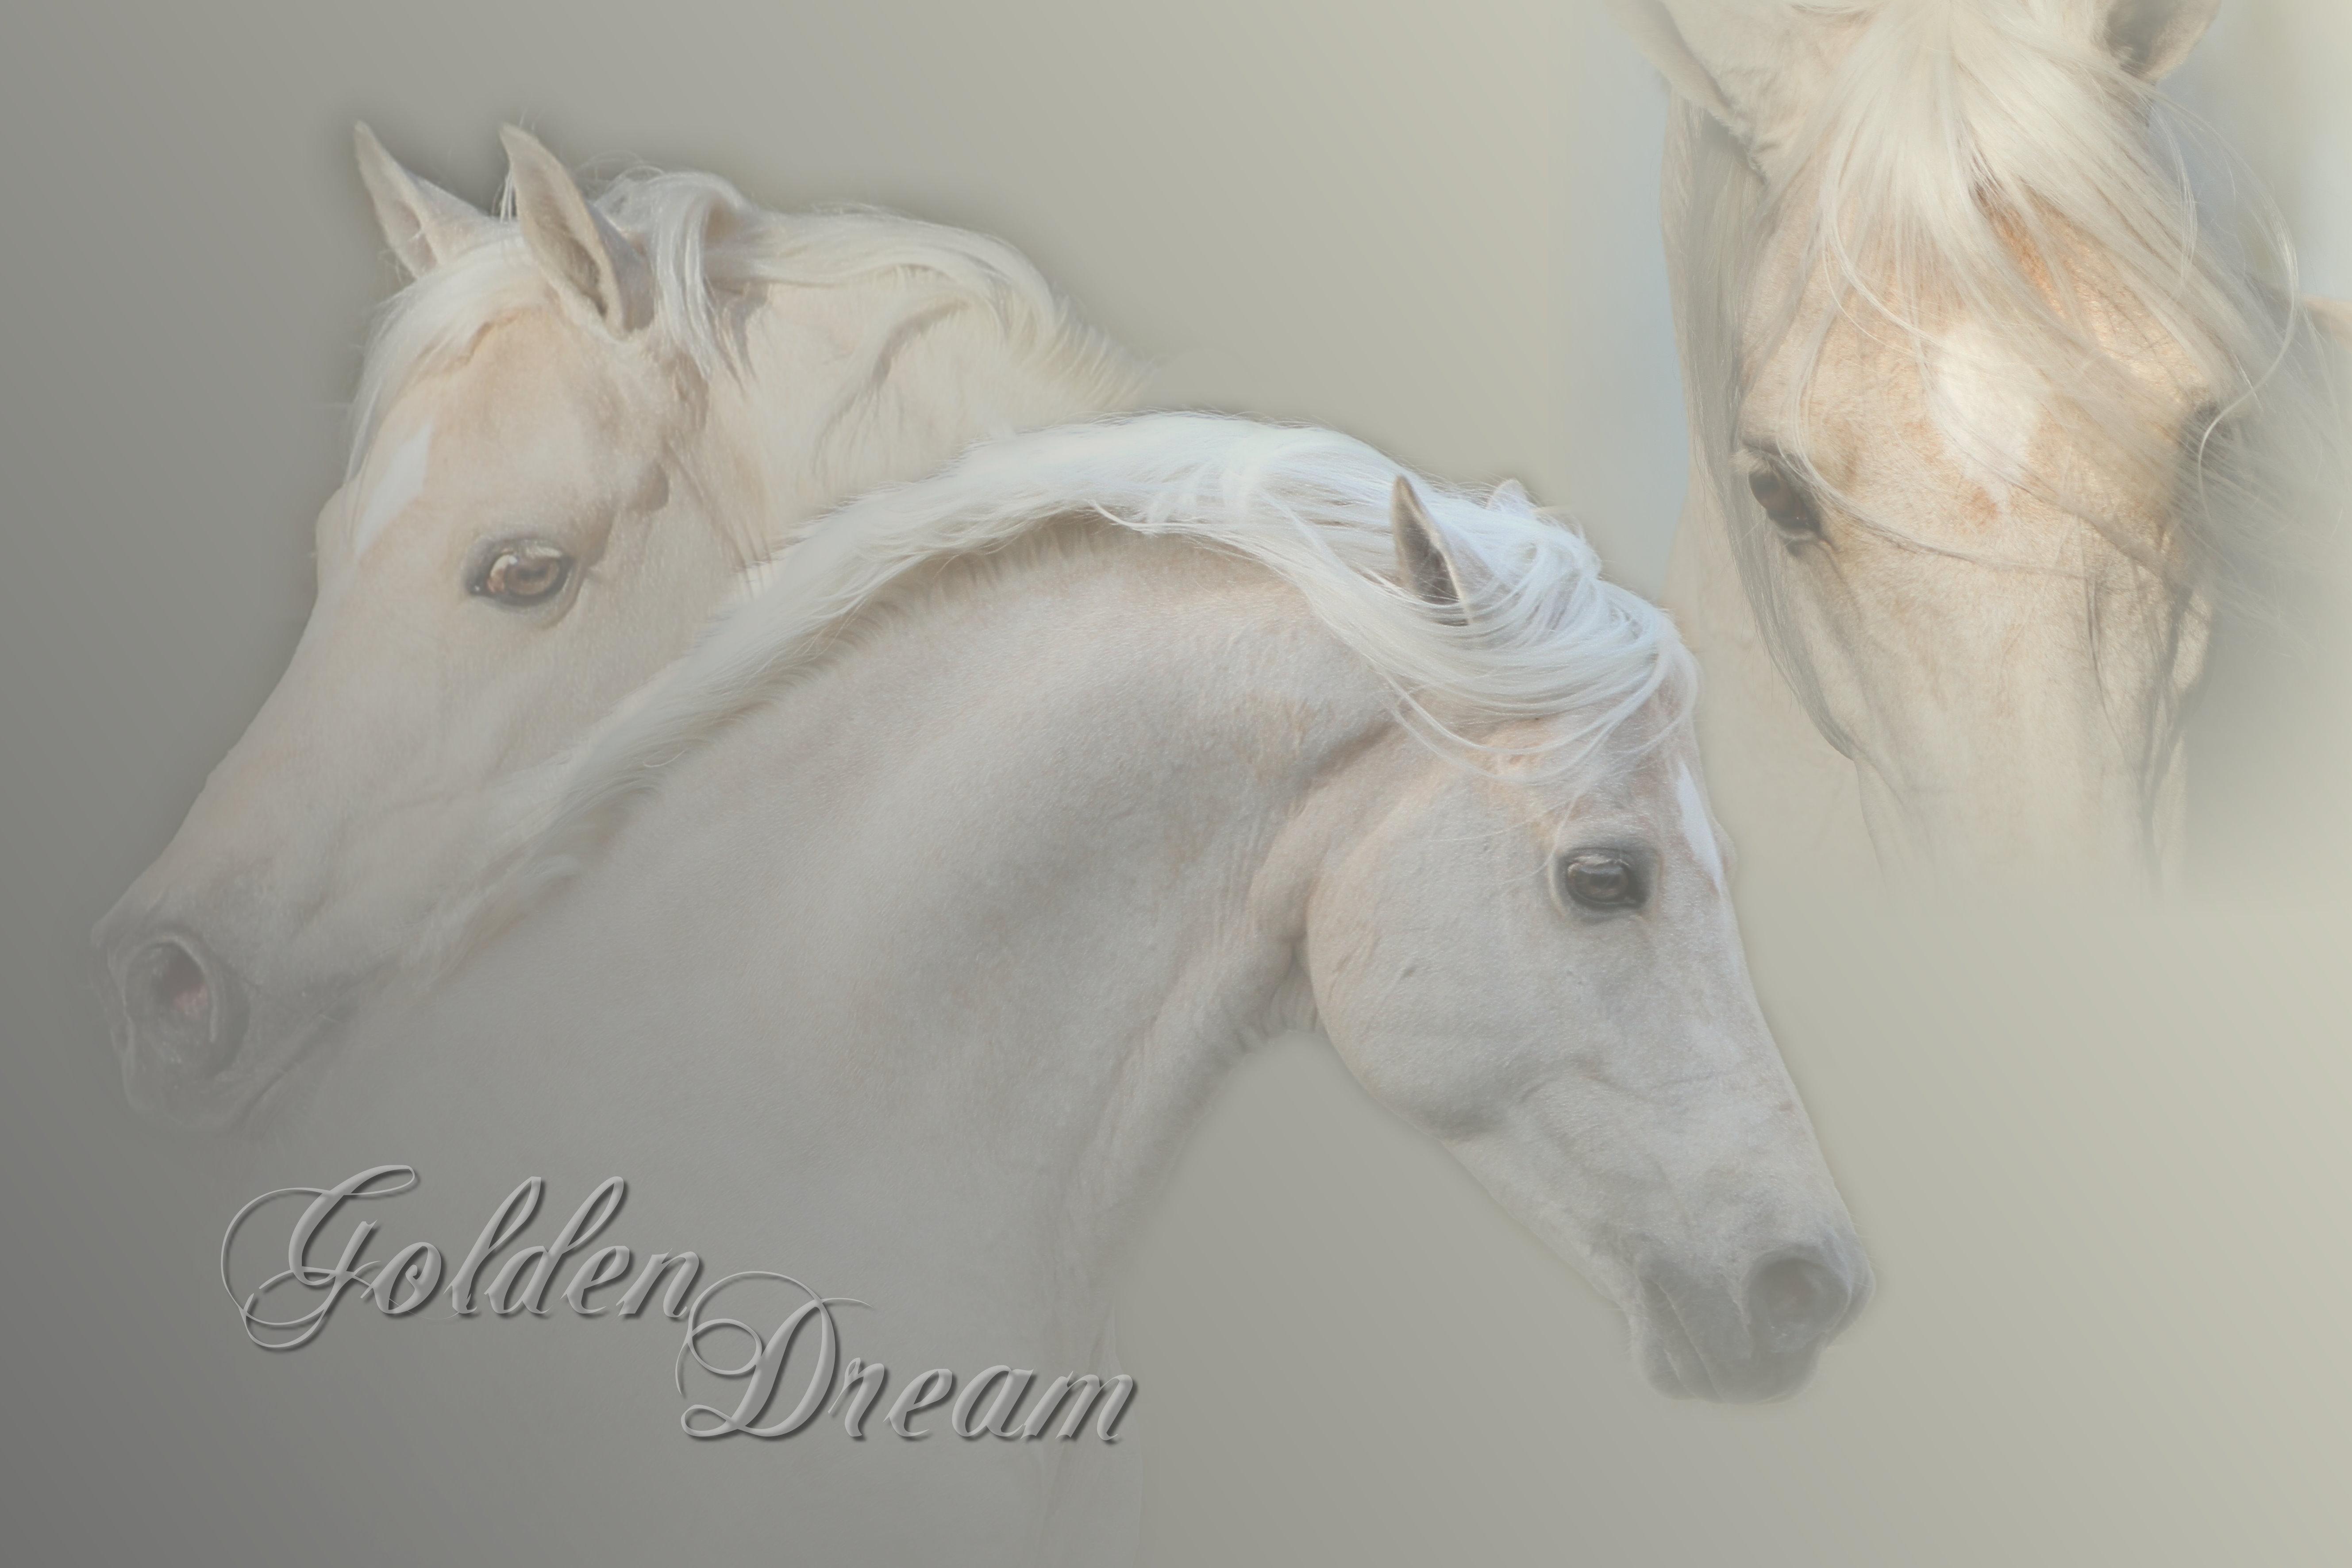 Kollage_Golden_Dream_Kb